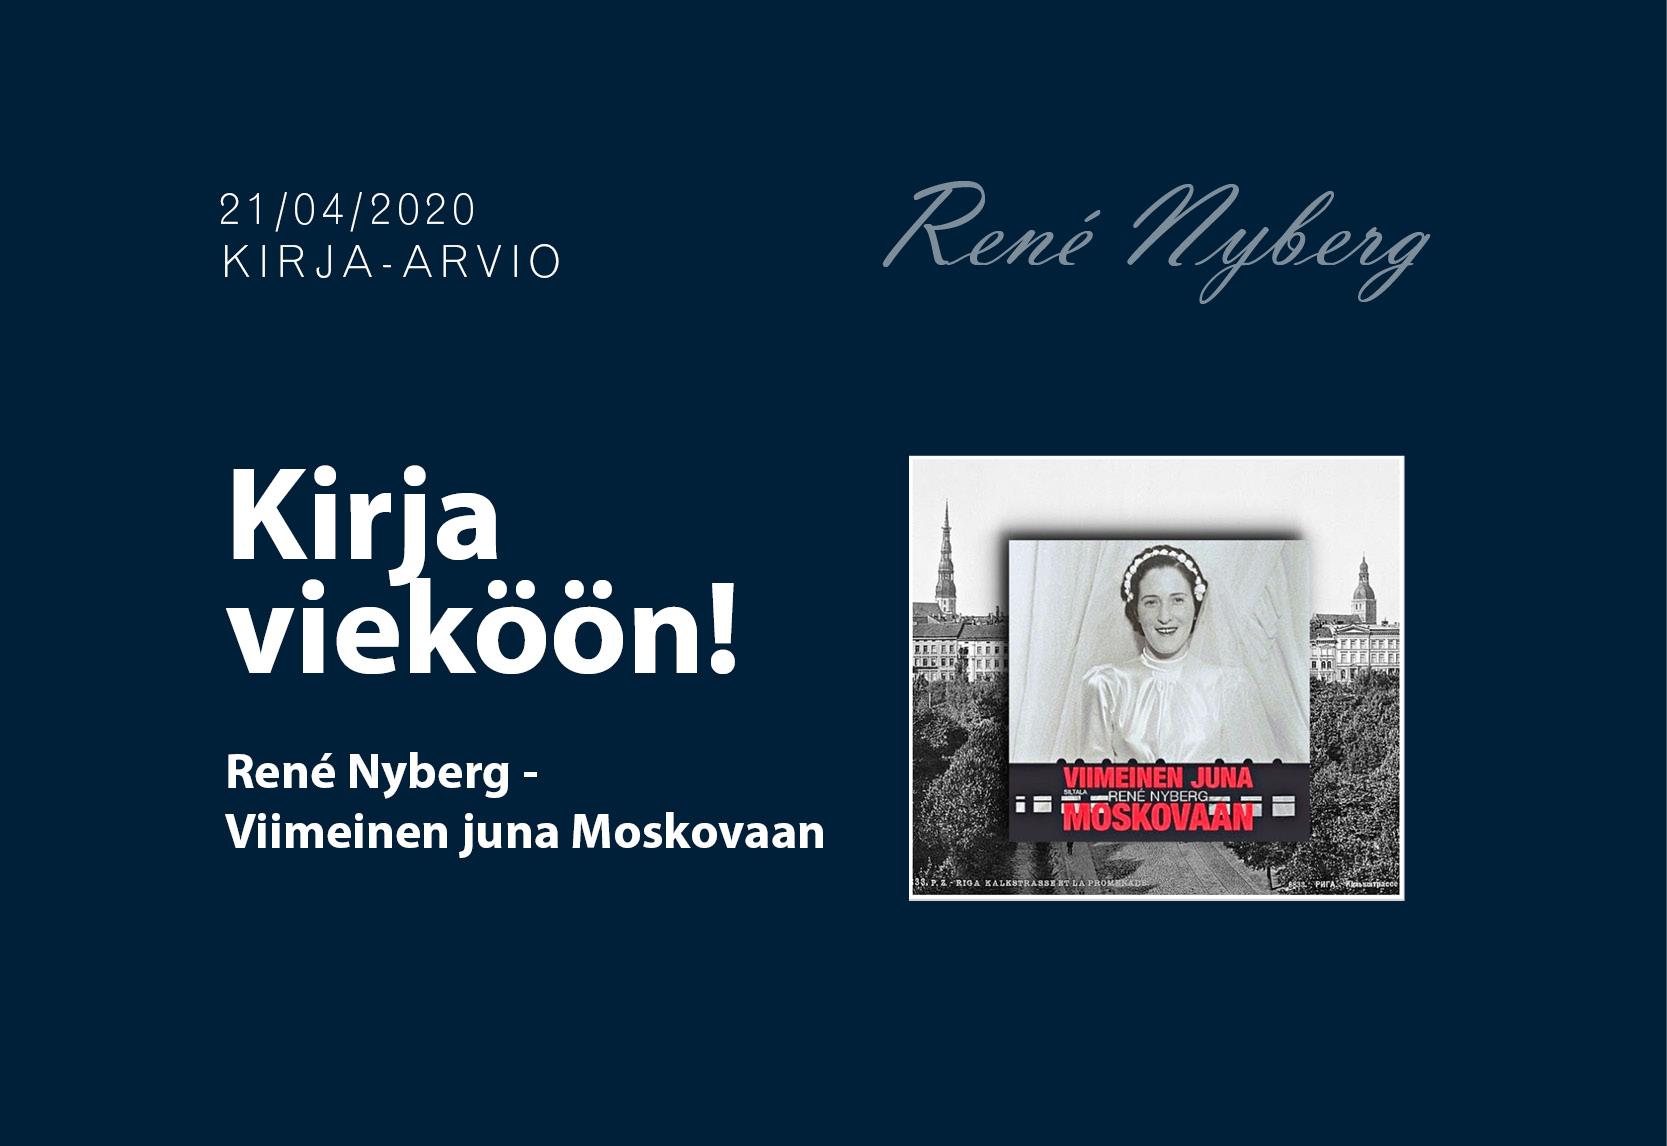 René Nyberg – Viimeinen juna Moskovaan